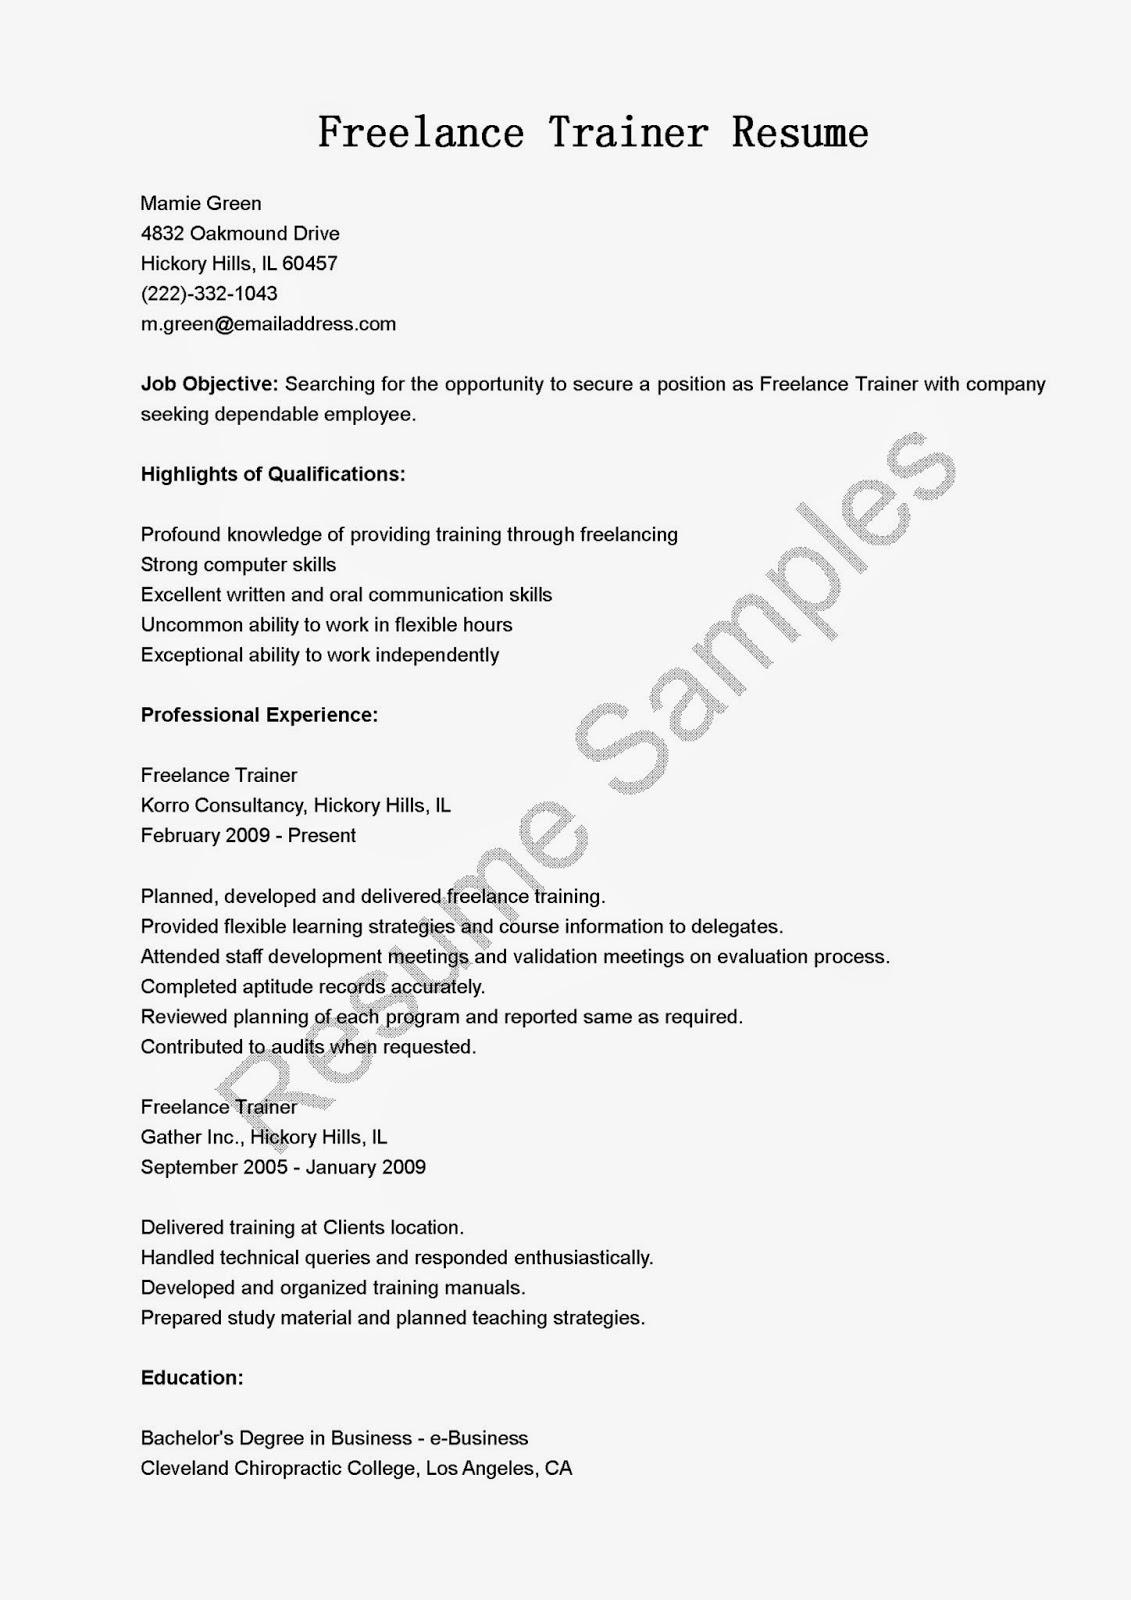 resume samples  freelance trainer resume sample